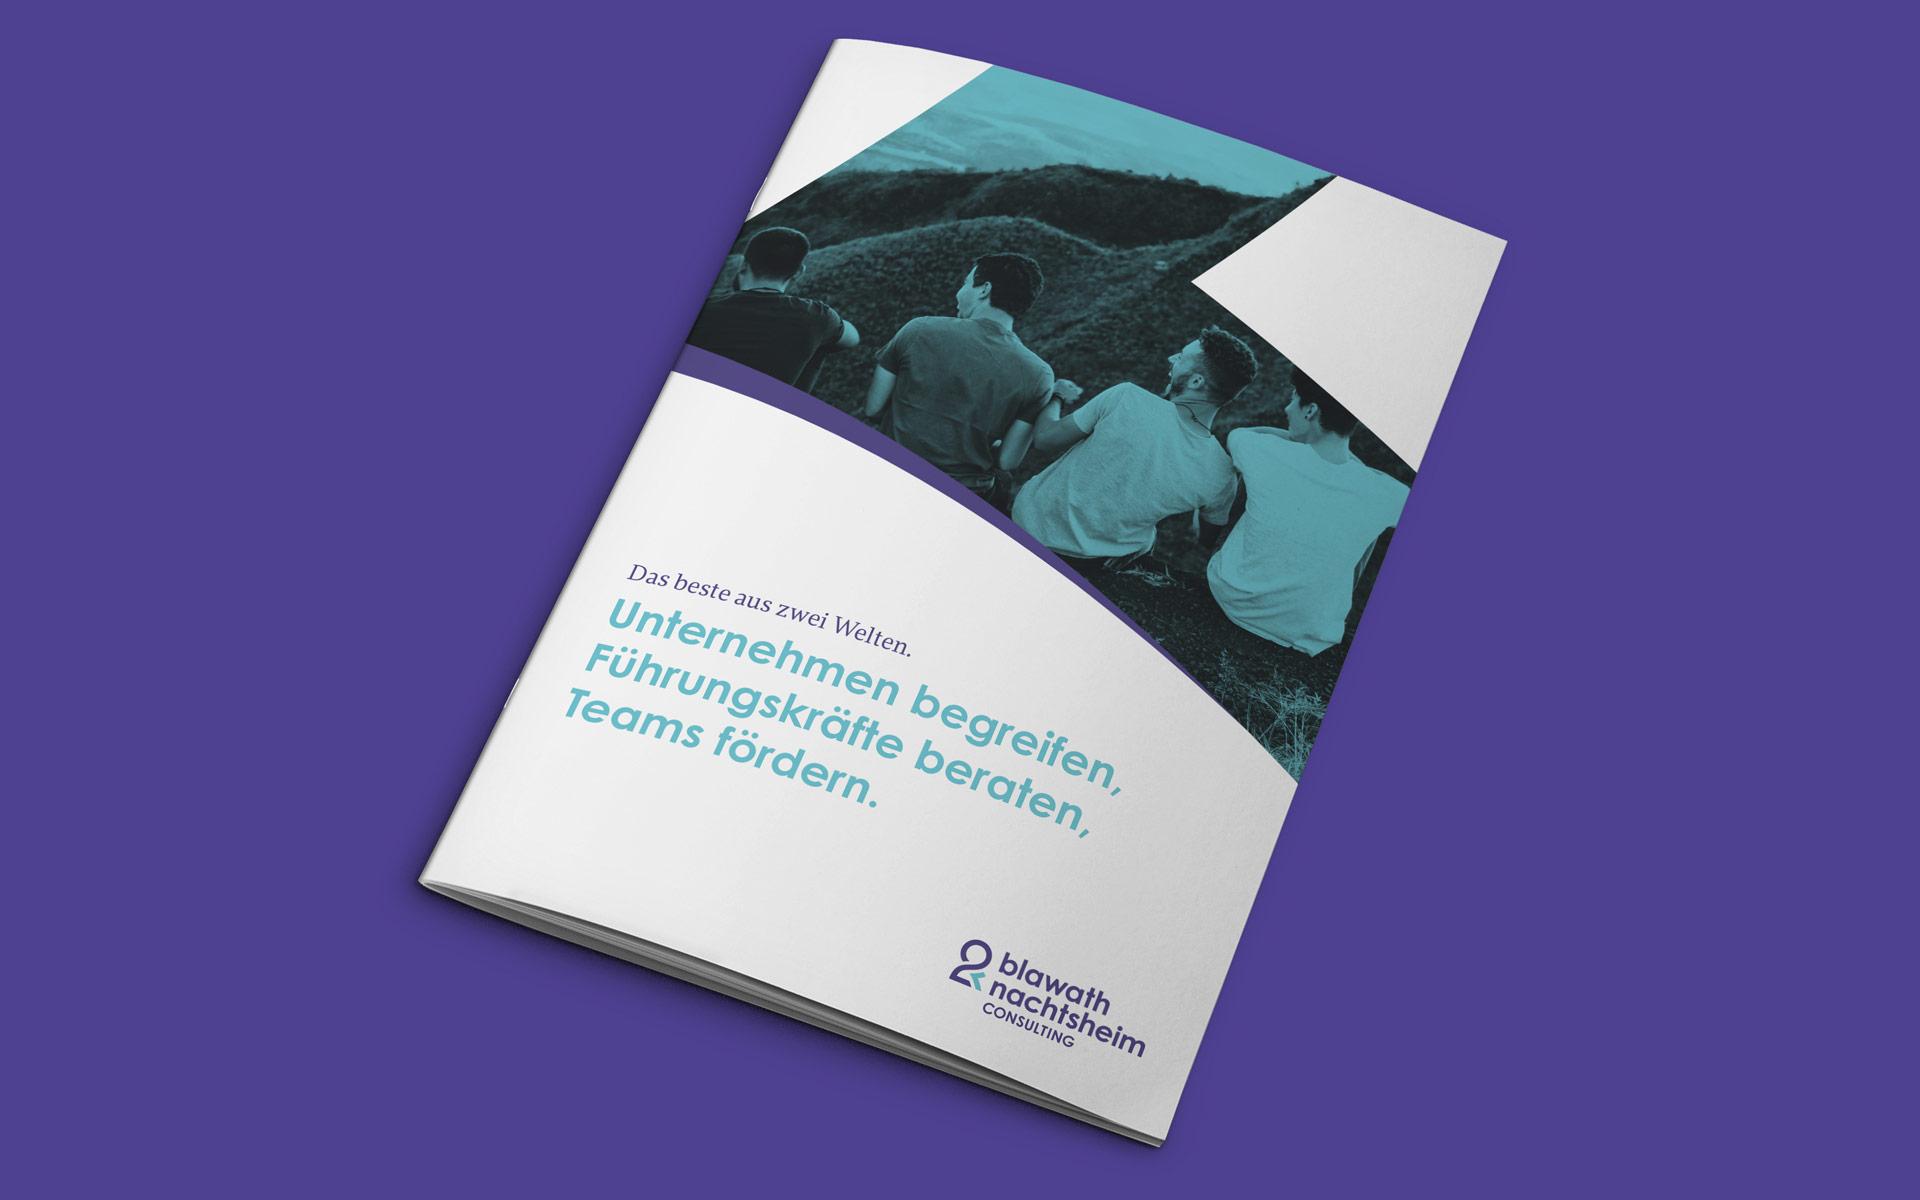 Blawath & Nachtsheim Consulting Corporate Design, Broschürengestaltung, Titel